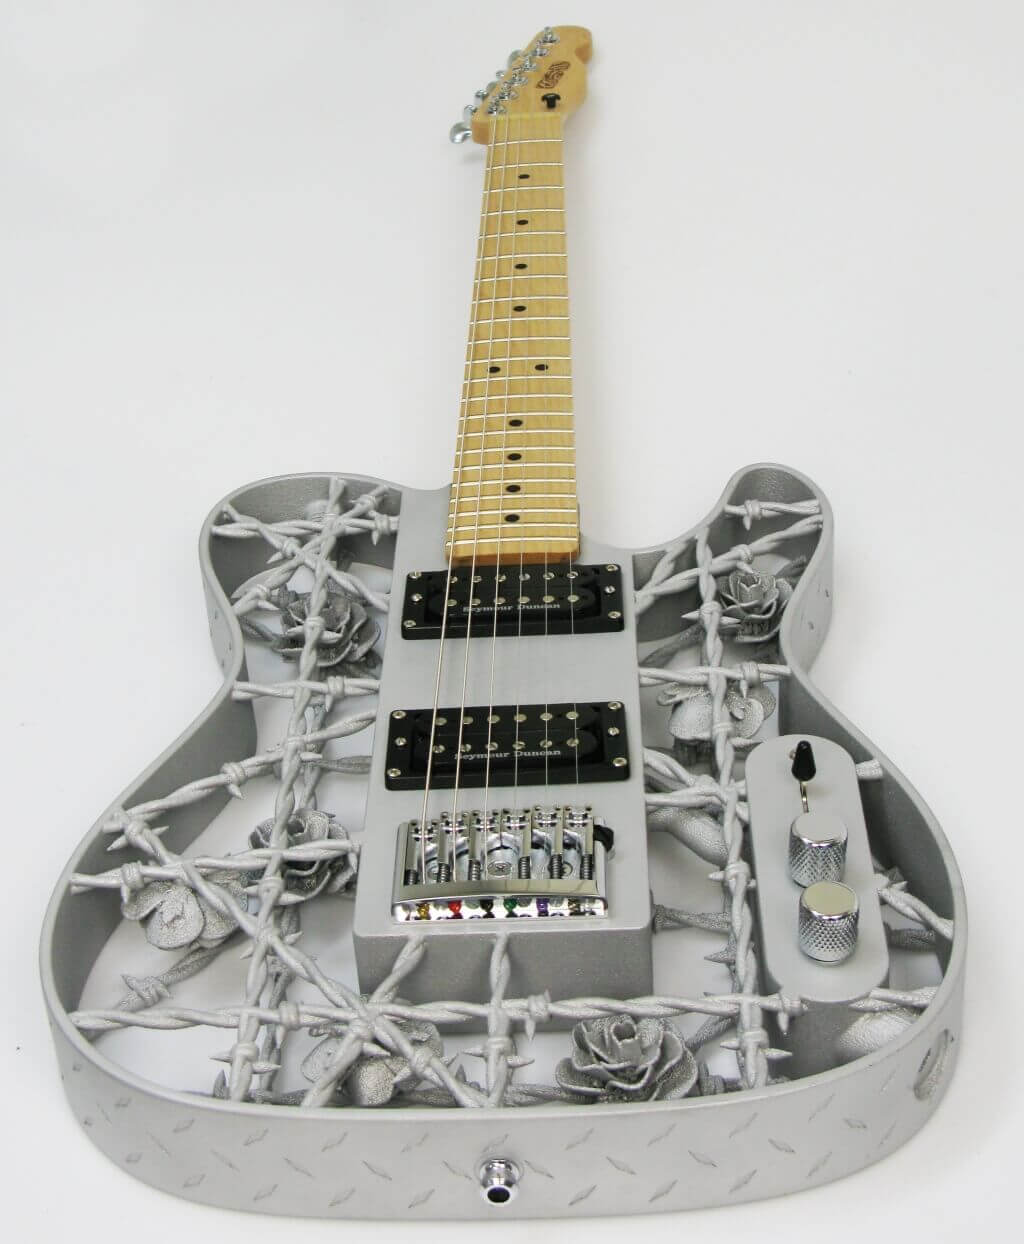 die erste aluminium gitarre der welt aus einem 3d drucker. Black Bedroom Furniture Sets. Home Design Ideas